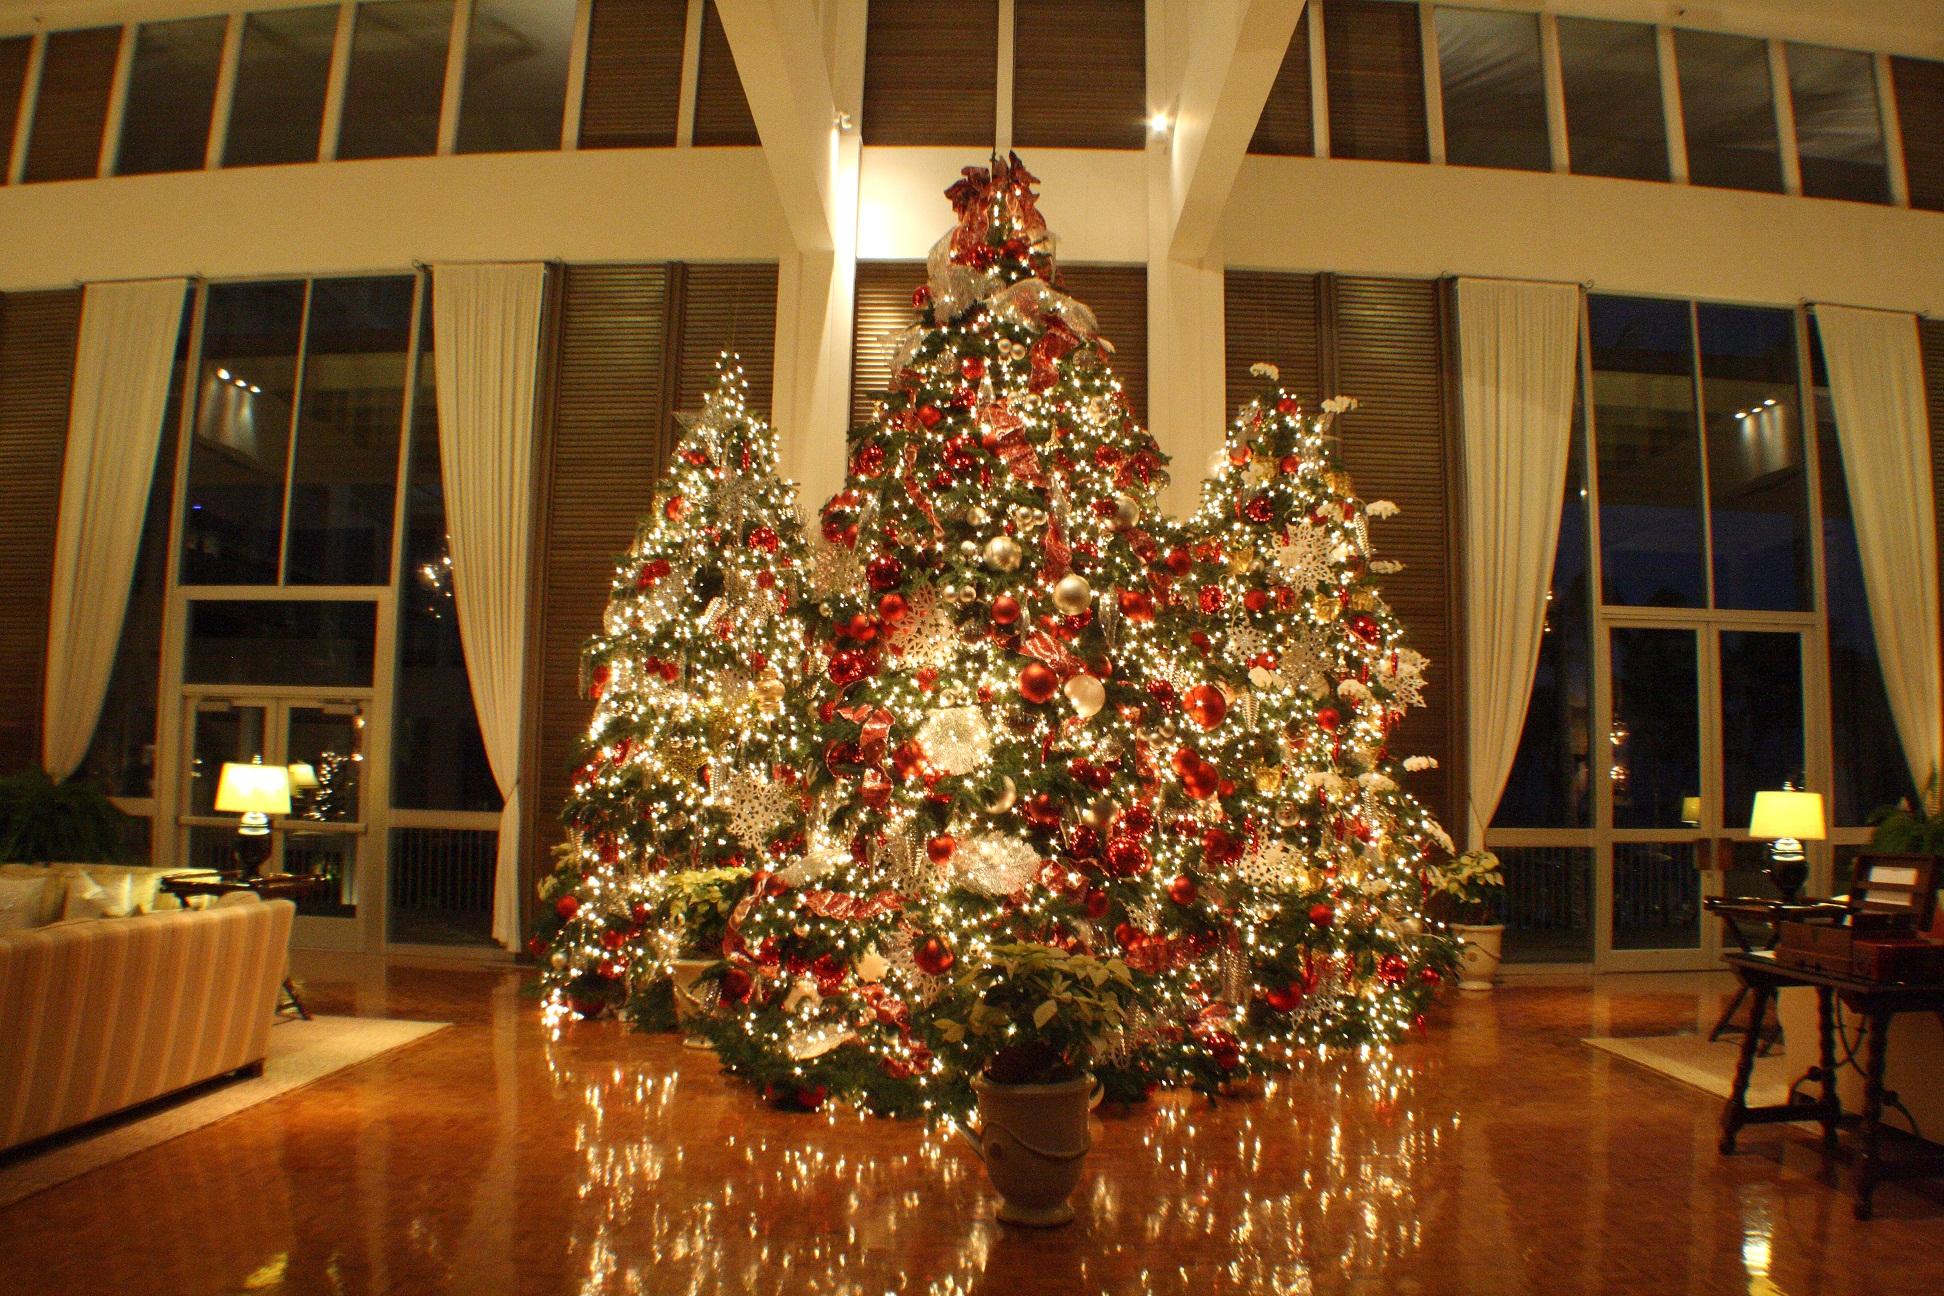 【ザ・カハラ・ホテル&リゾート】ザ・カハラ・ホテル&リゾートで迎えるハワイのクリスマス|オークラ ホテルズ